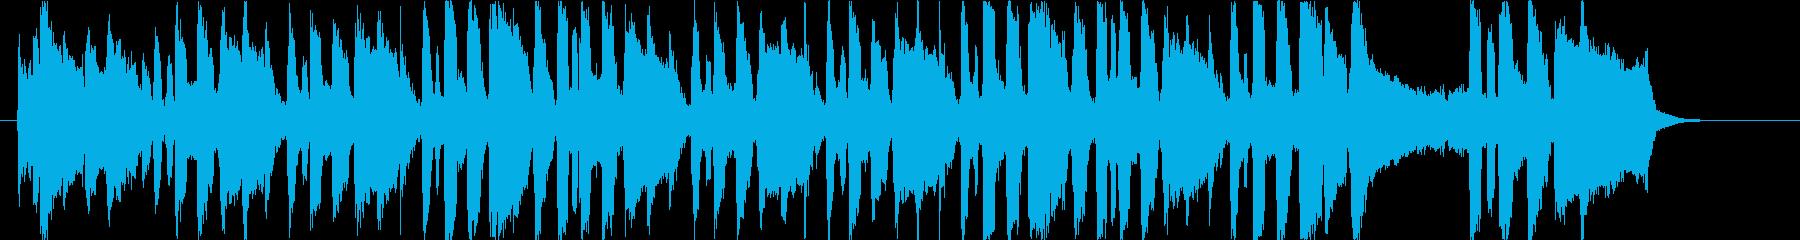 誕生日の歌(ワルツver) 【リン】の再生済みの波形